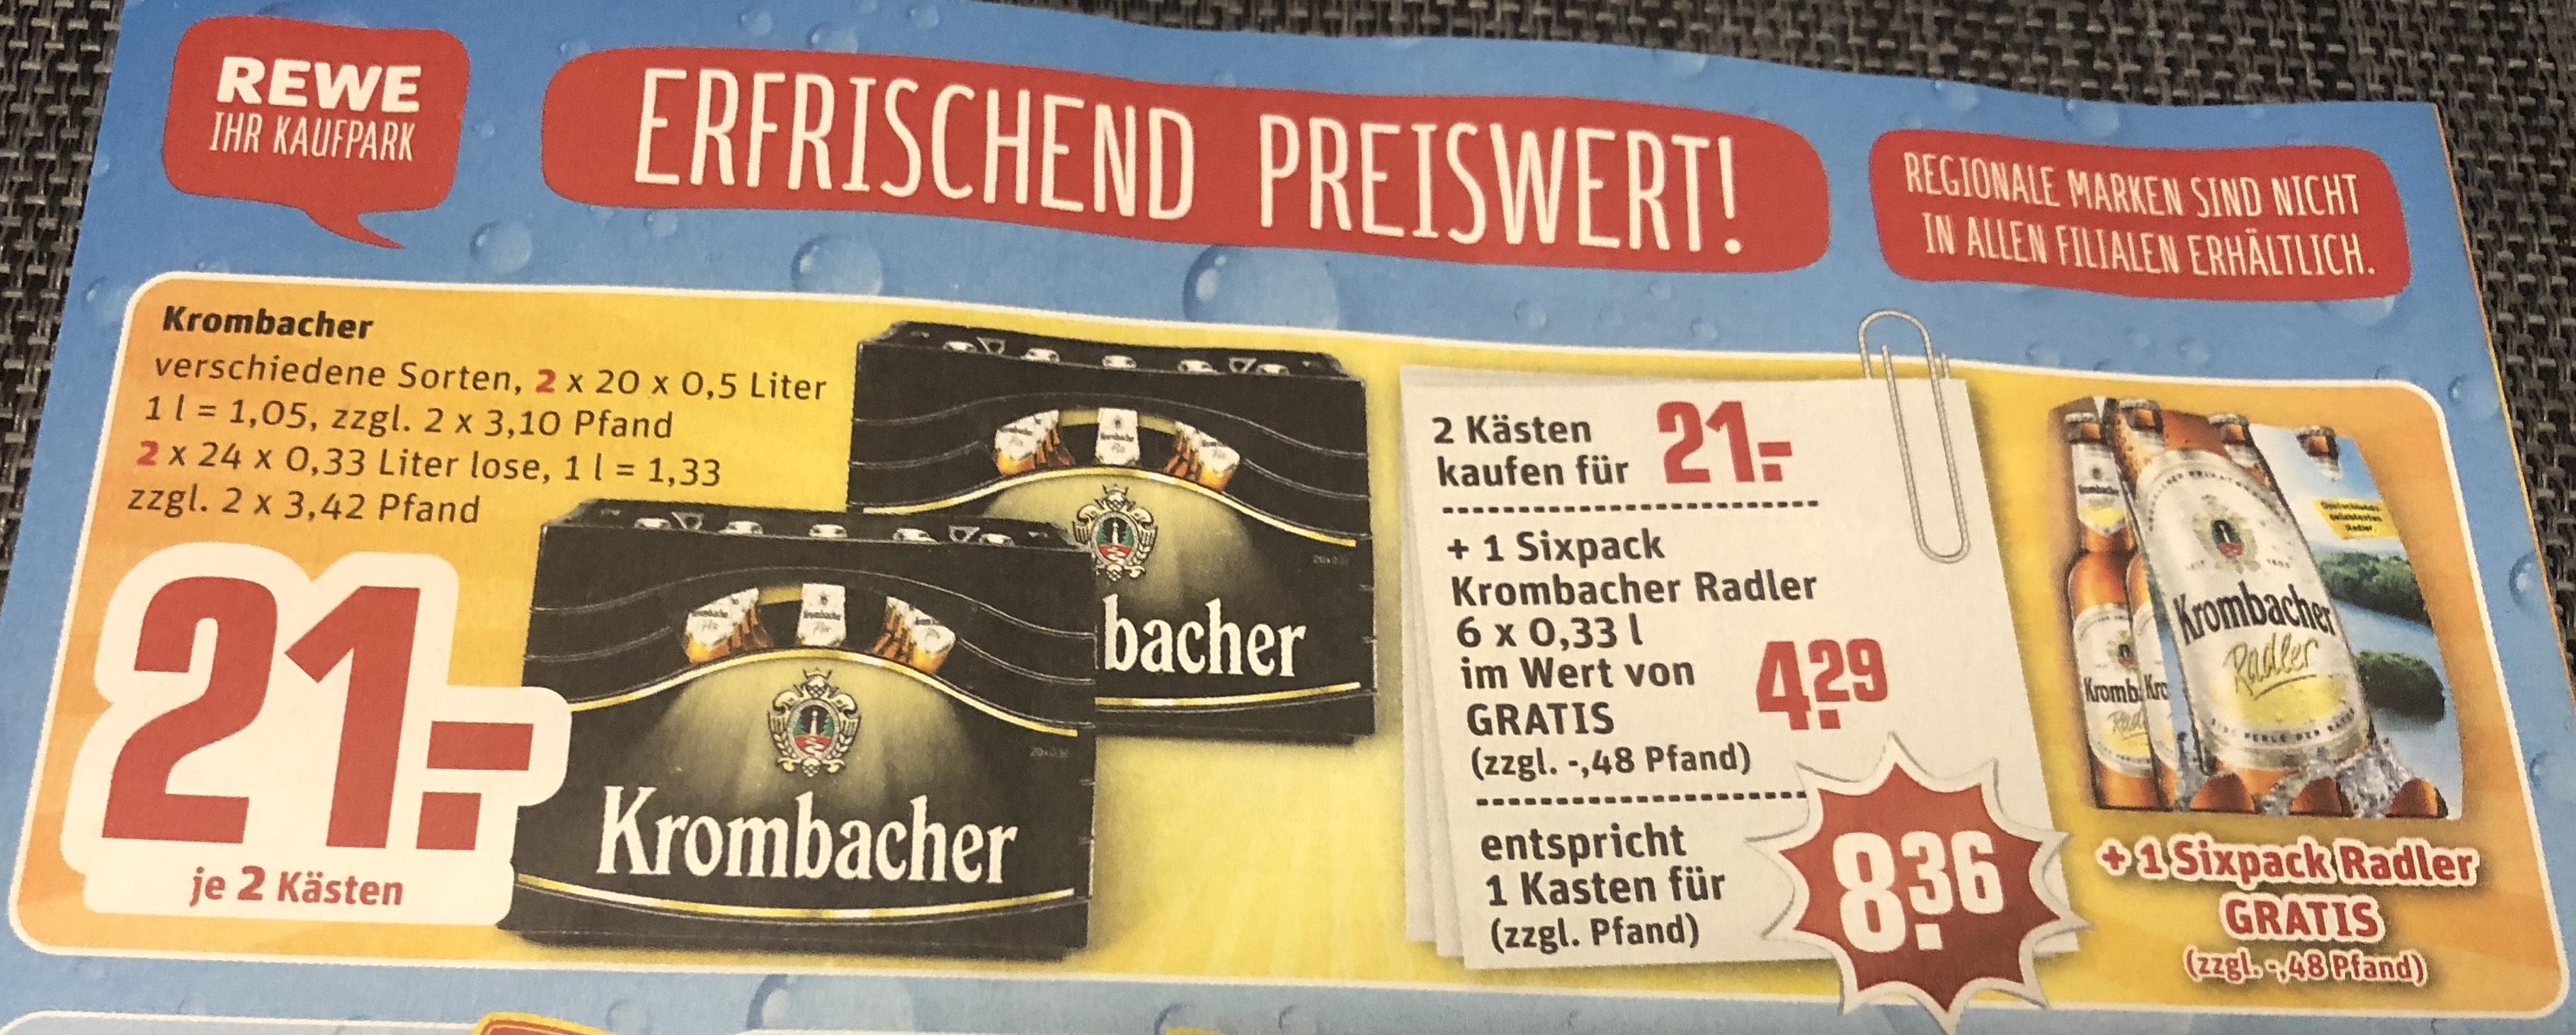 2 Kästen Krombacher + 1 Sixpack Radler Gratis für 21€